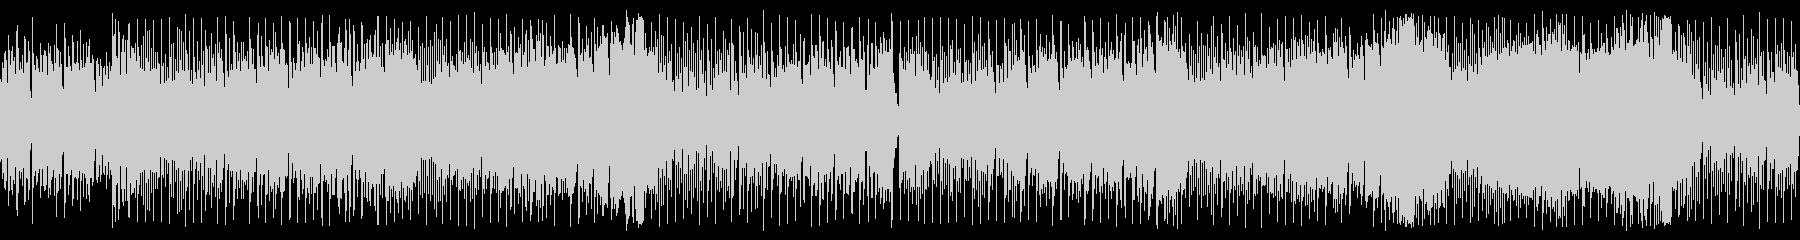 スタイリッシュなハウス風チップチューンの未再生の波形